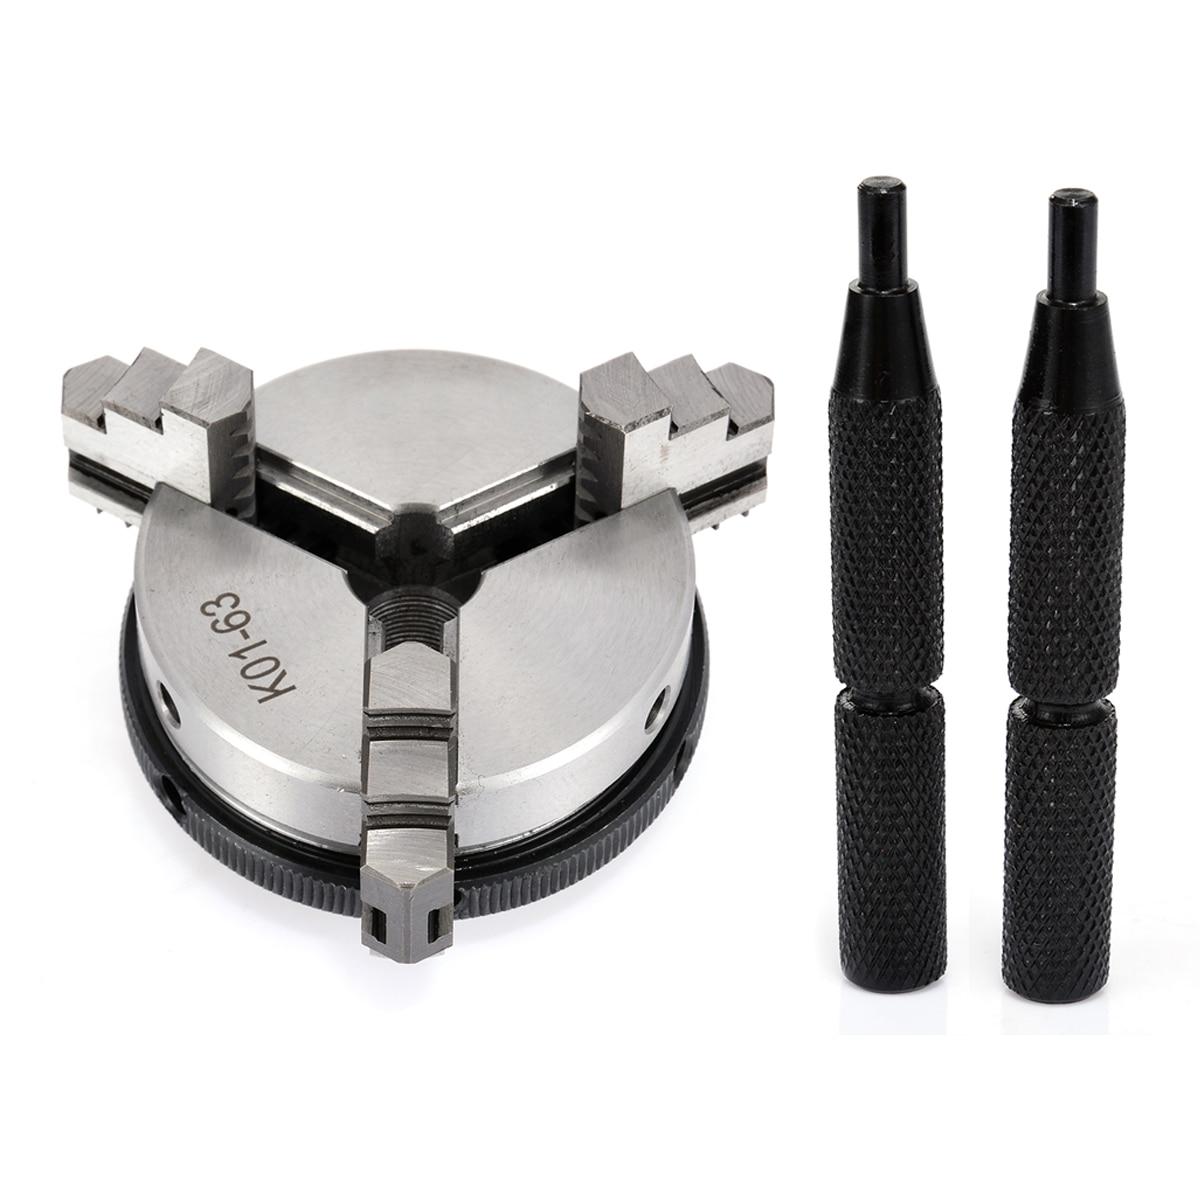 1 шт. 63 мм 3 патрона 2,5 дюймов мини-токарный станок патроны с 2 шт. блокировки стержней для Металлообработка машина аксессуары Инструмент